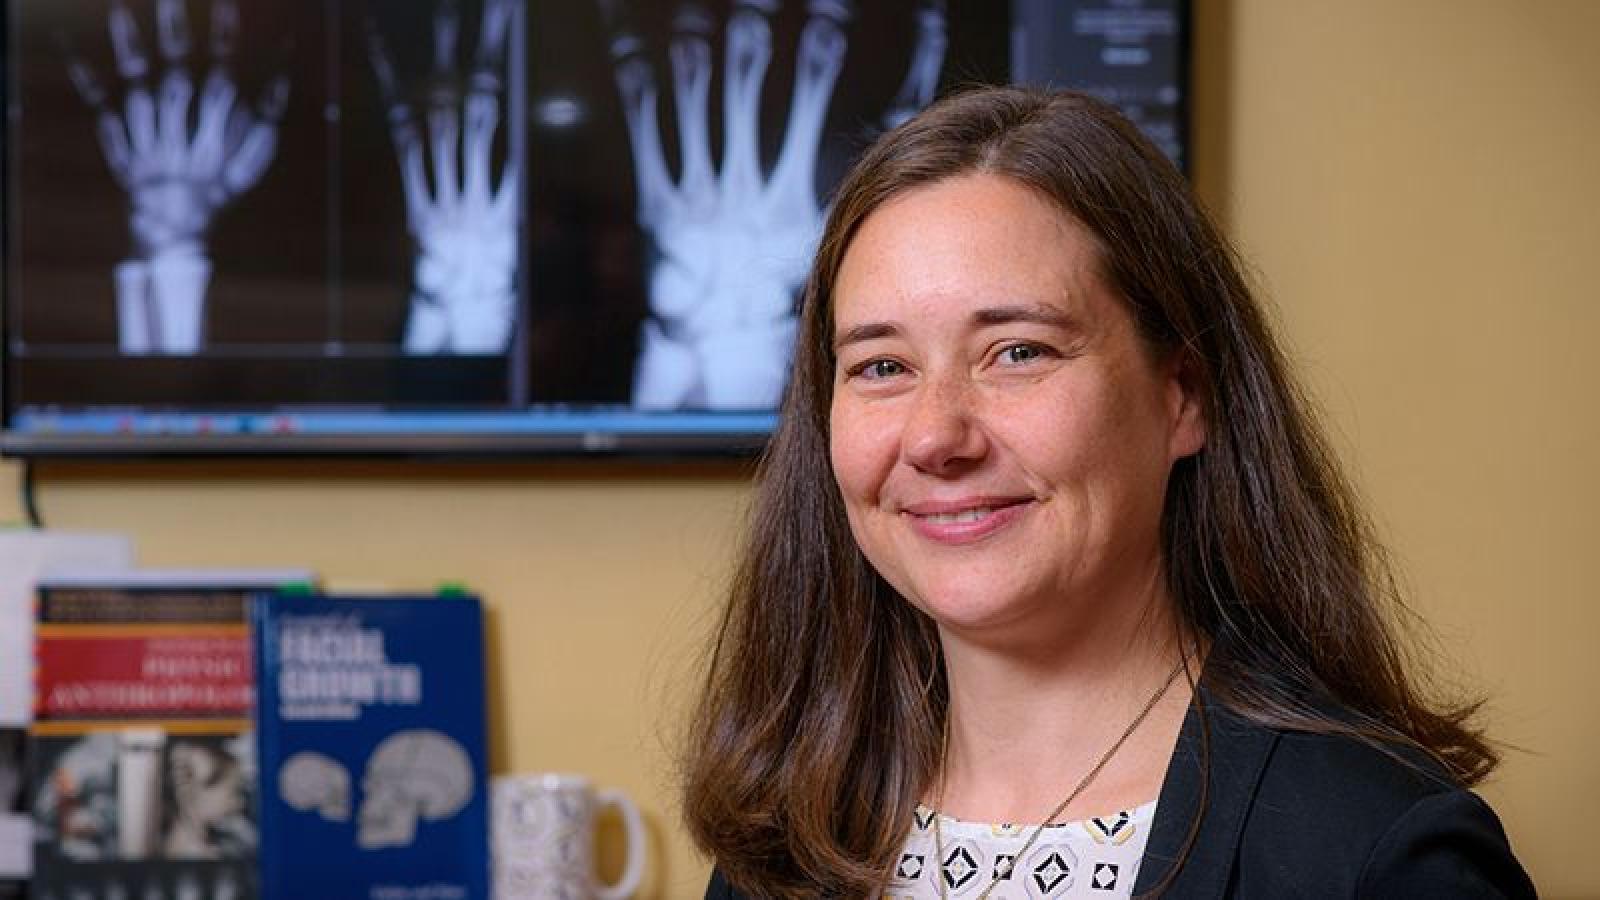 Dana Duren, PhD